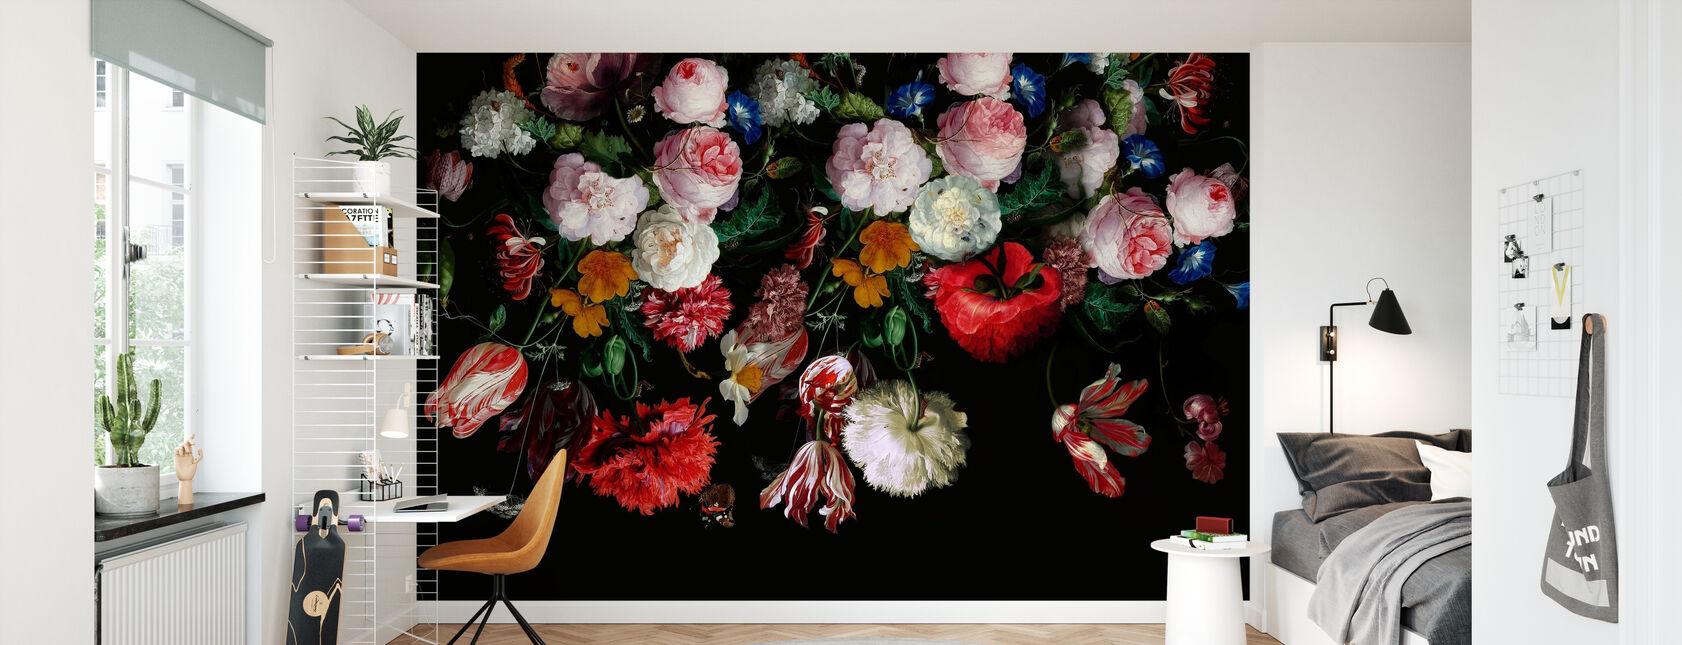 Kleurrijke bloemen op zwarte achtergrond - Behang - Kinderkamer